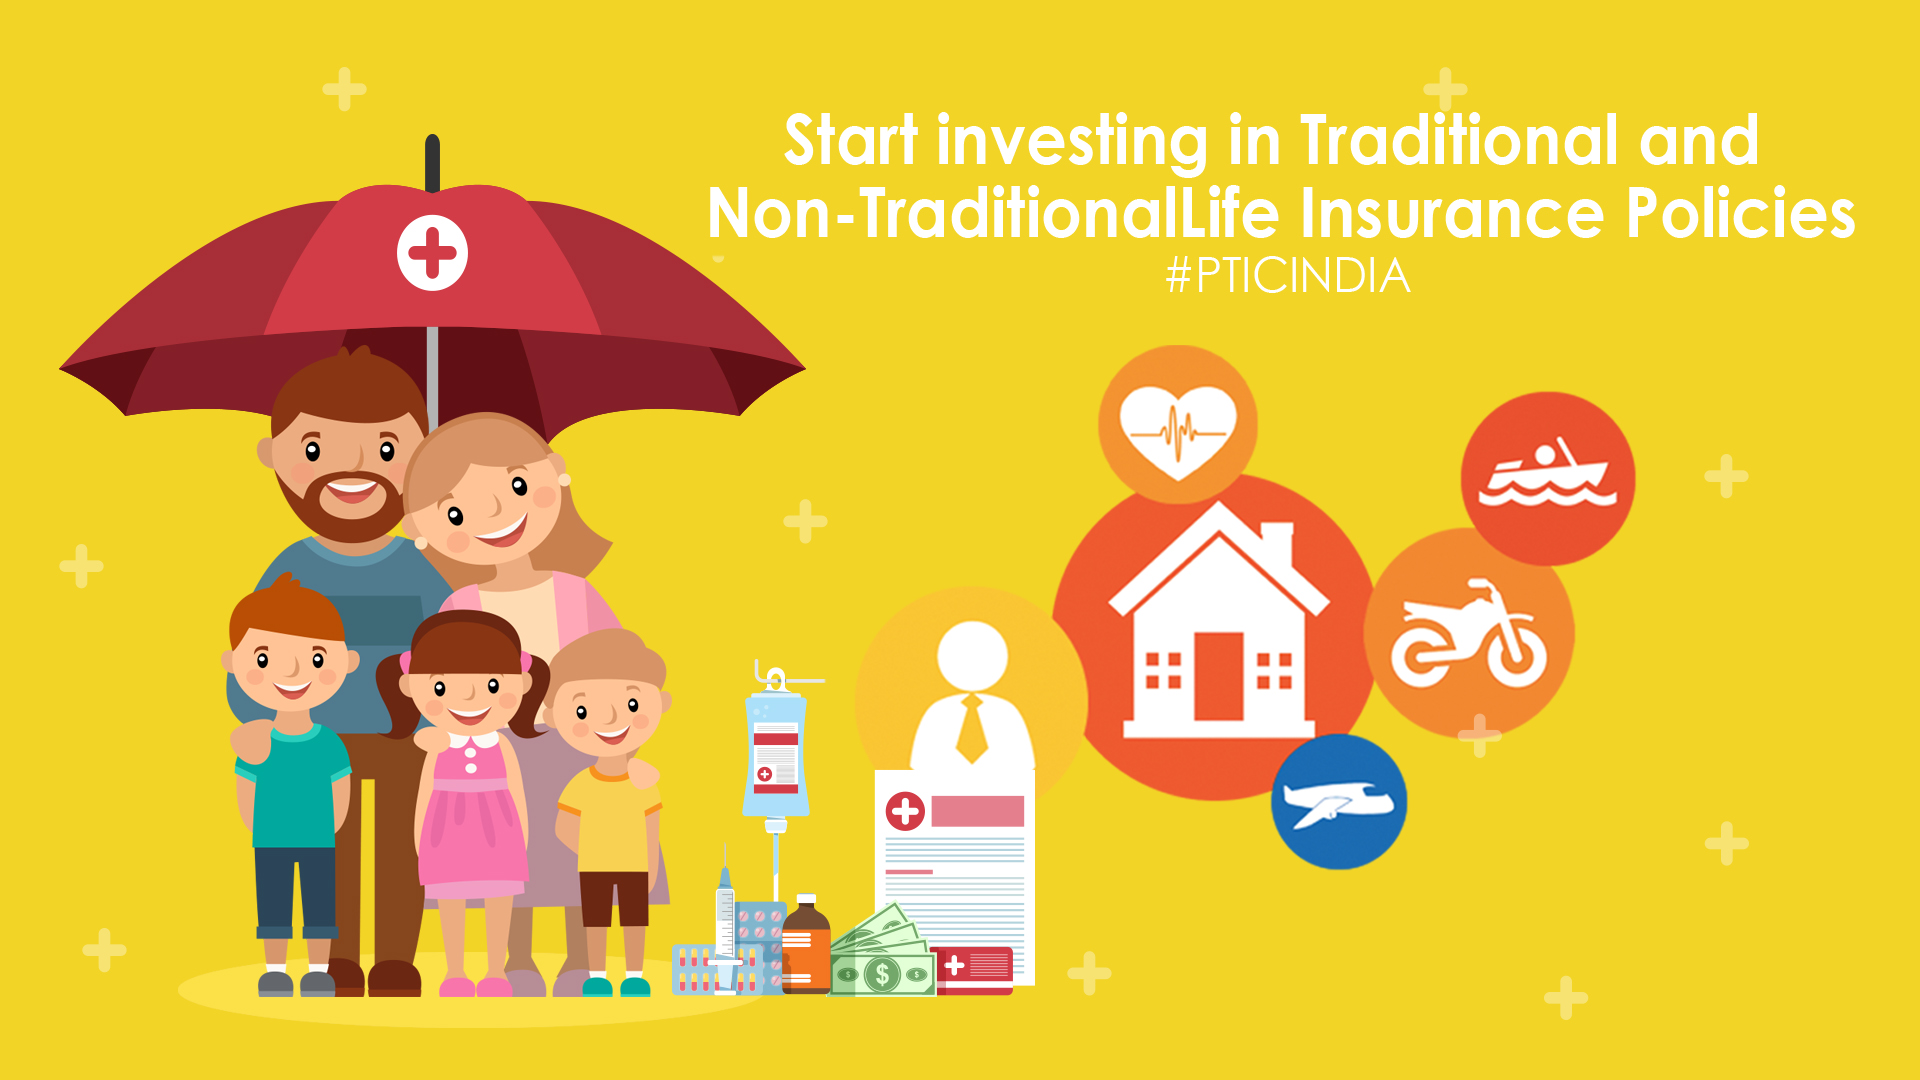 Life-Insurance.jpg (1920×1080)